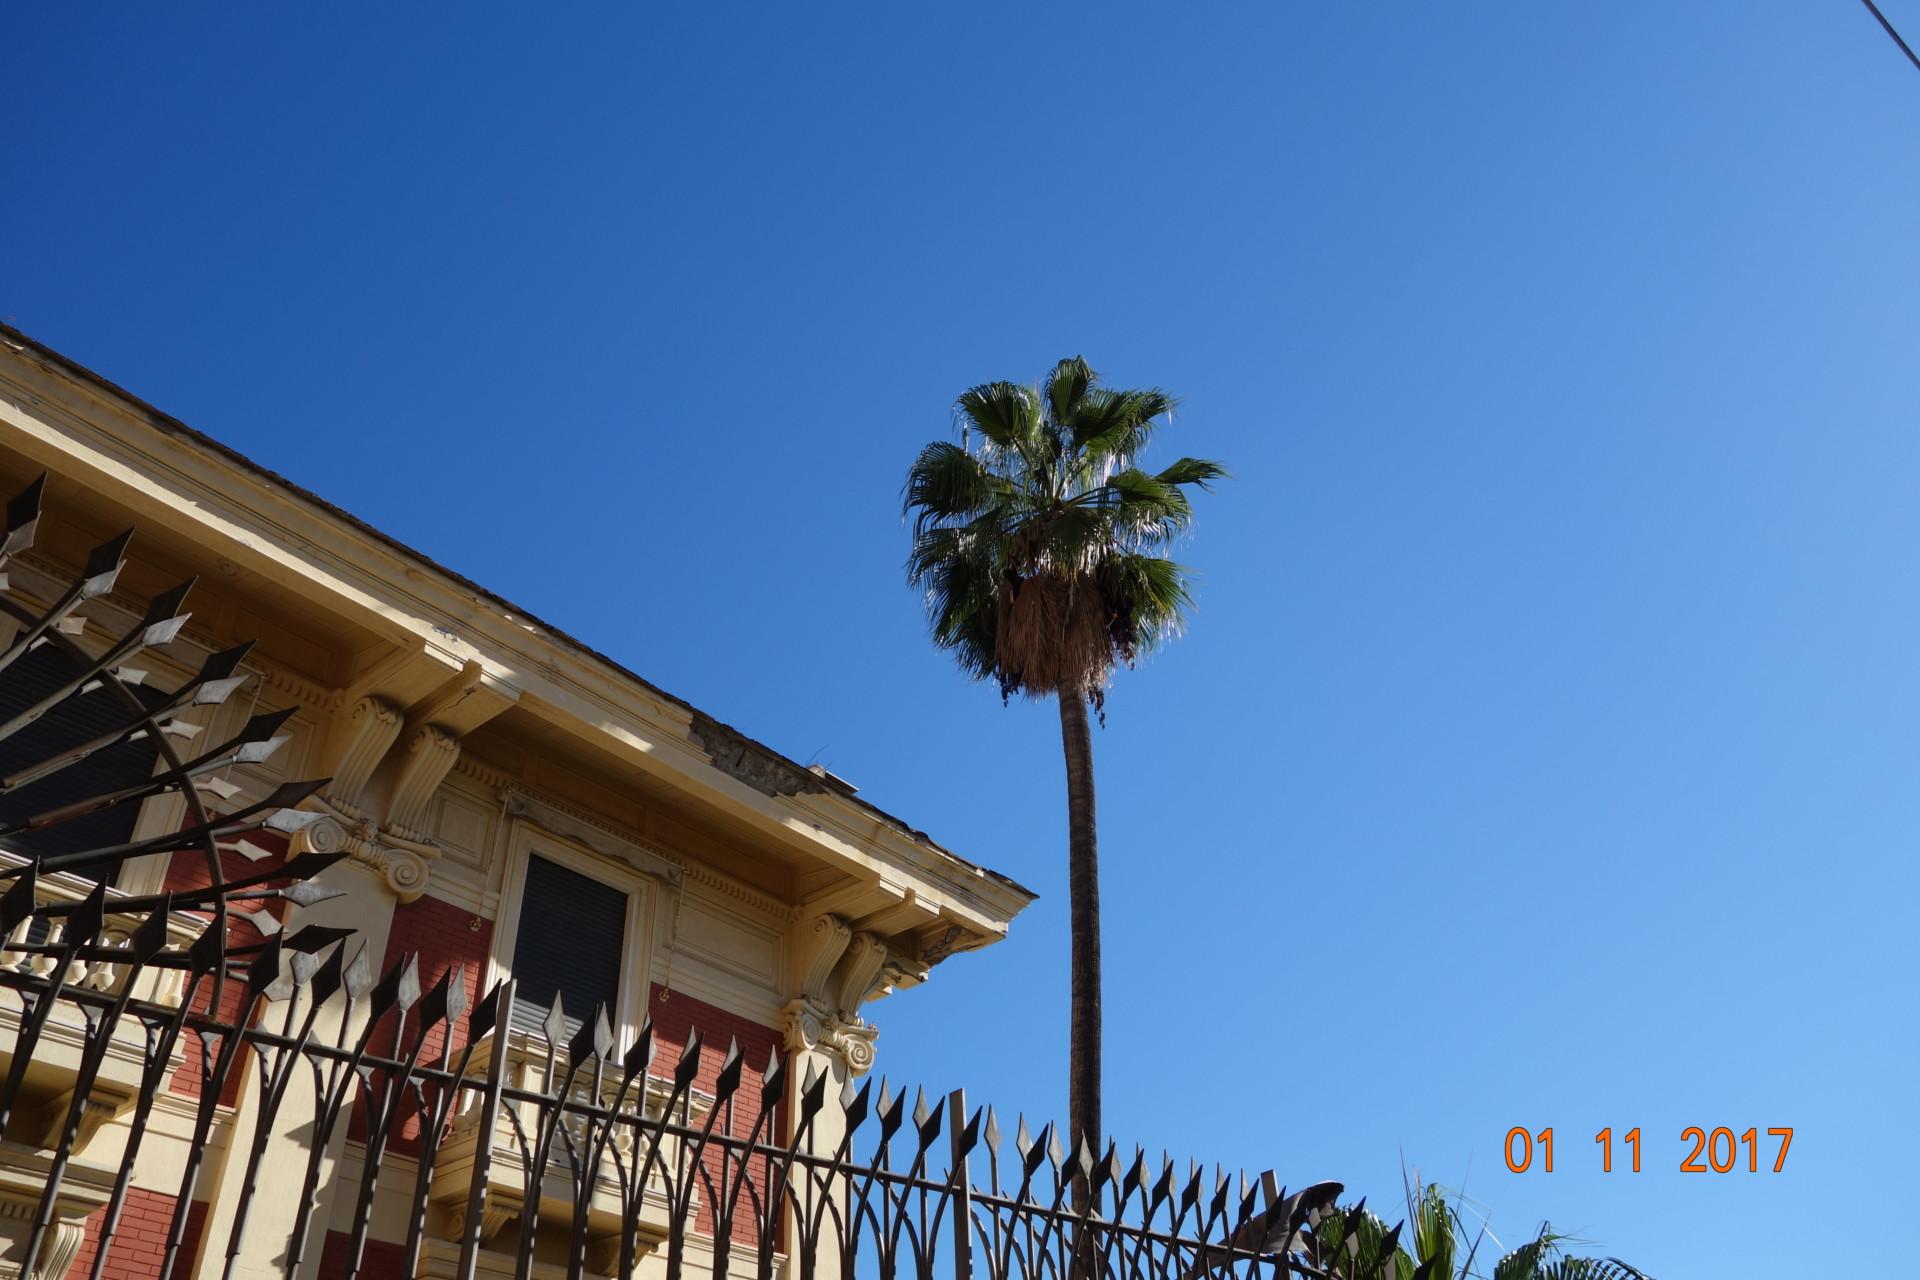 Der Himmel über Neapel